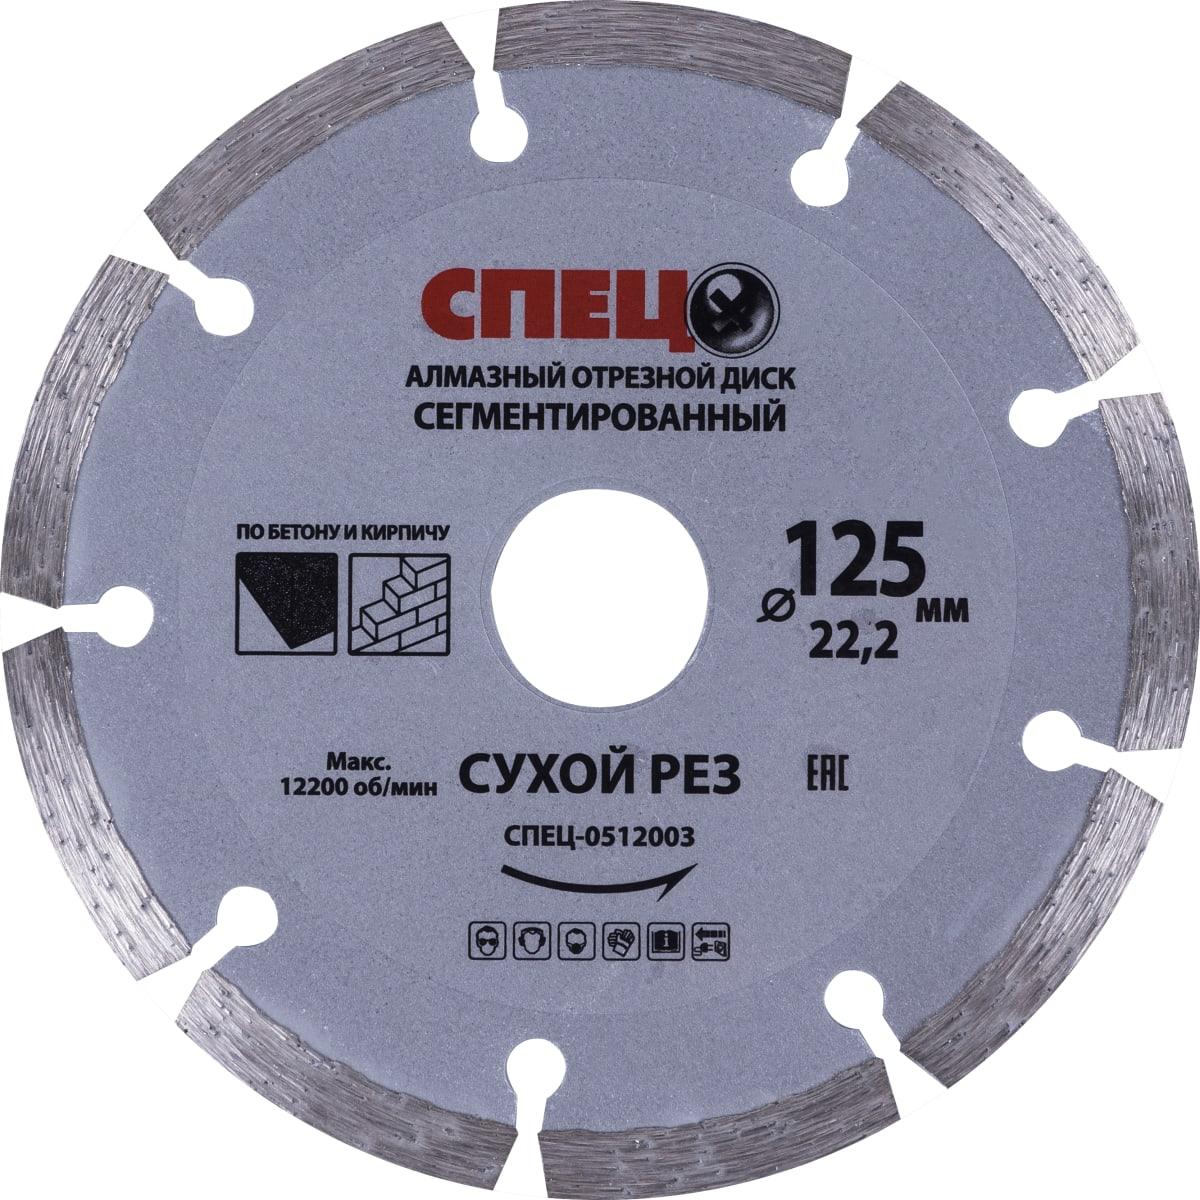 купить диск по бетону для болгарки в леруа мерлен